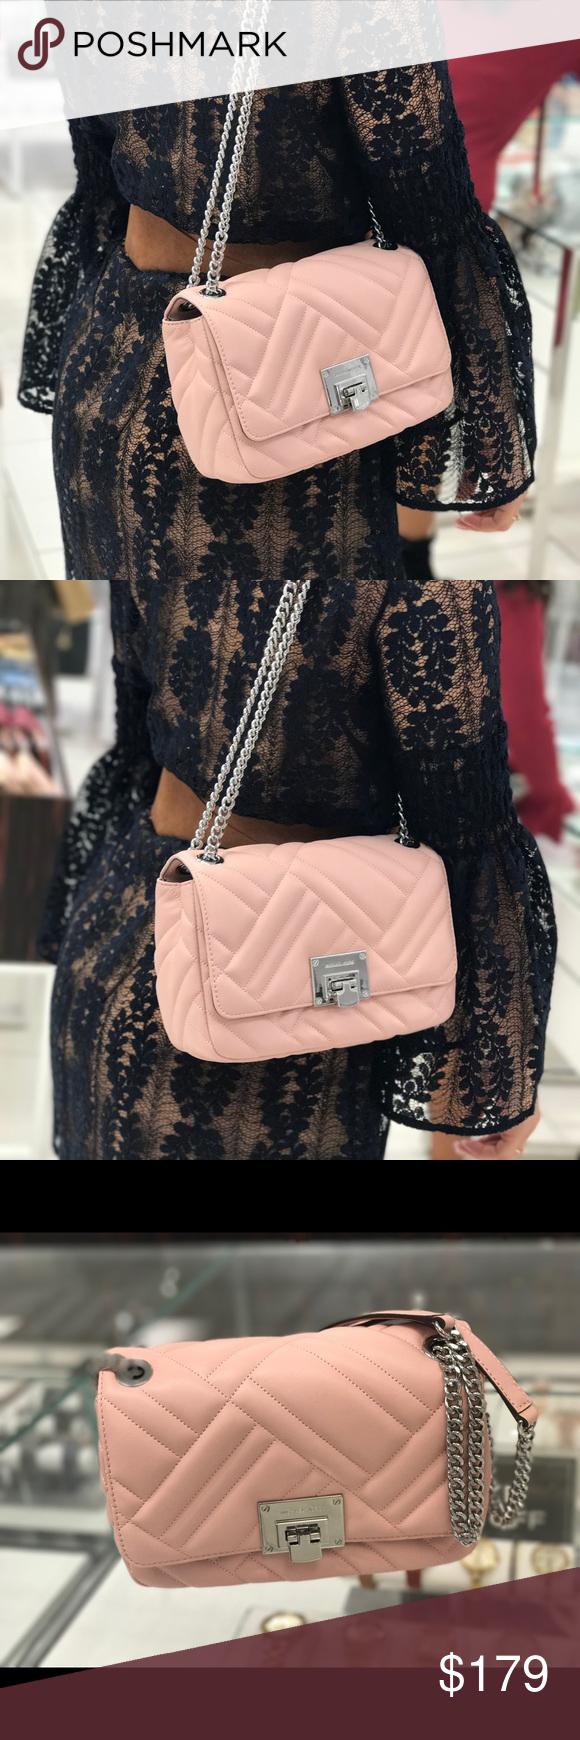 19a12156a3075c Michael Kors Vivianne MD Shoulder Flap Lamb Bag Michael Kors Vivianne  Medium Shoulder Flap Lamb Leather Bag Pastel Pink lamb leather •  SIKVER-tone hardware ...